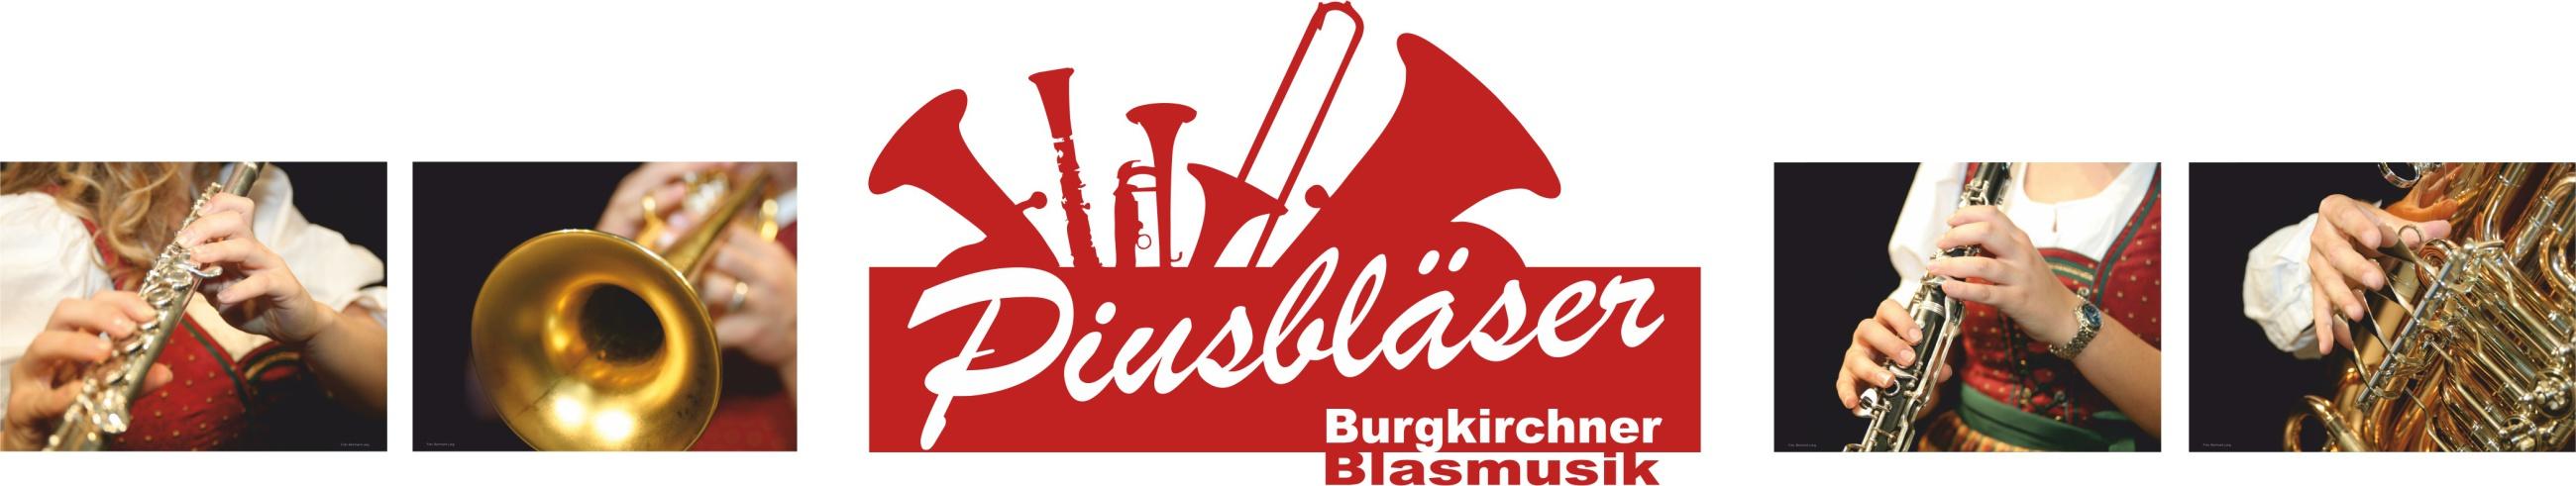 Burgkirchner Blasmusik St. Pius im Musikverein Burgkirchen e.V.